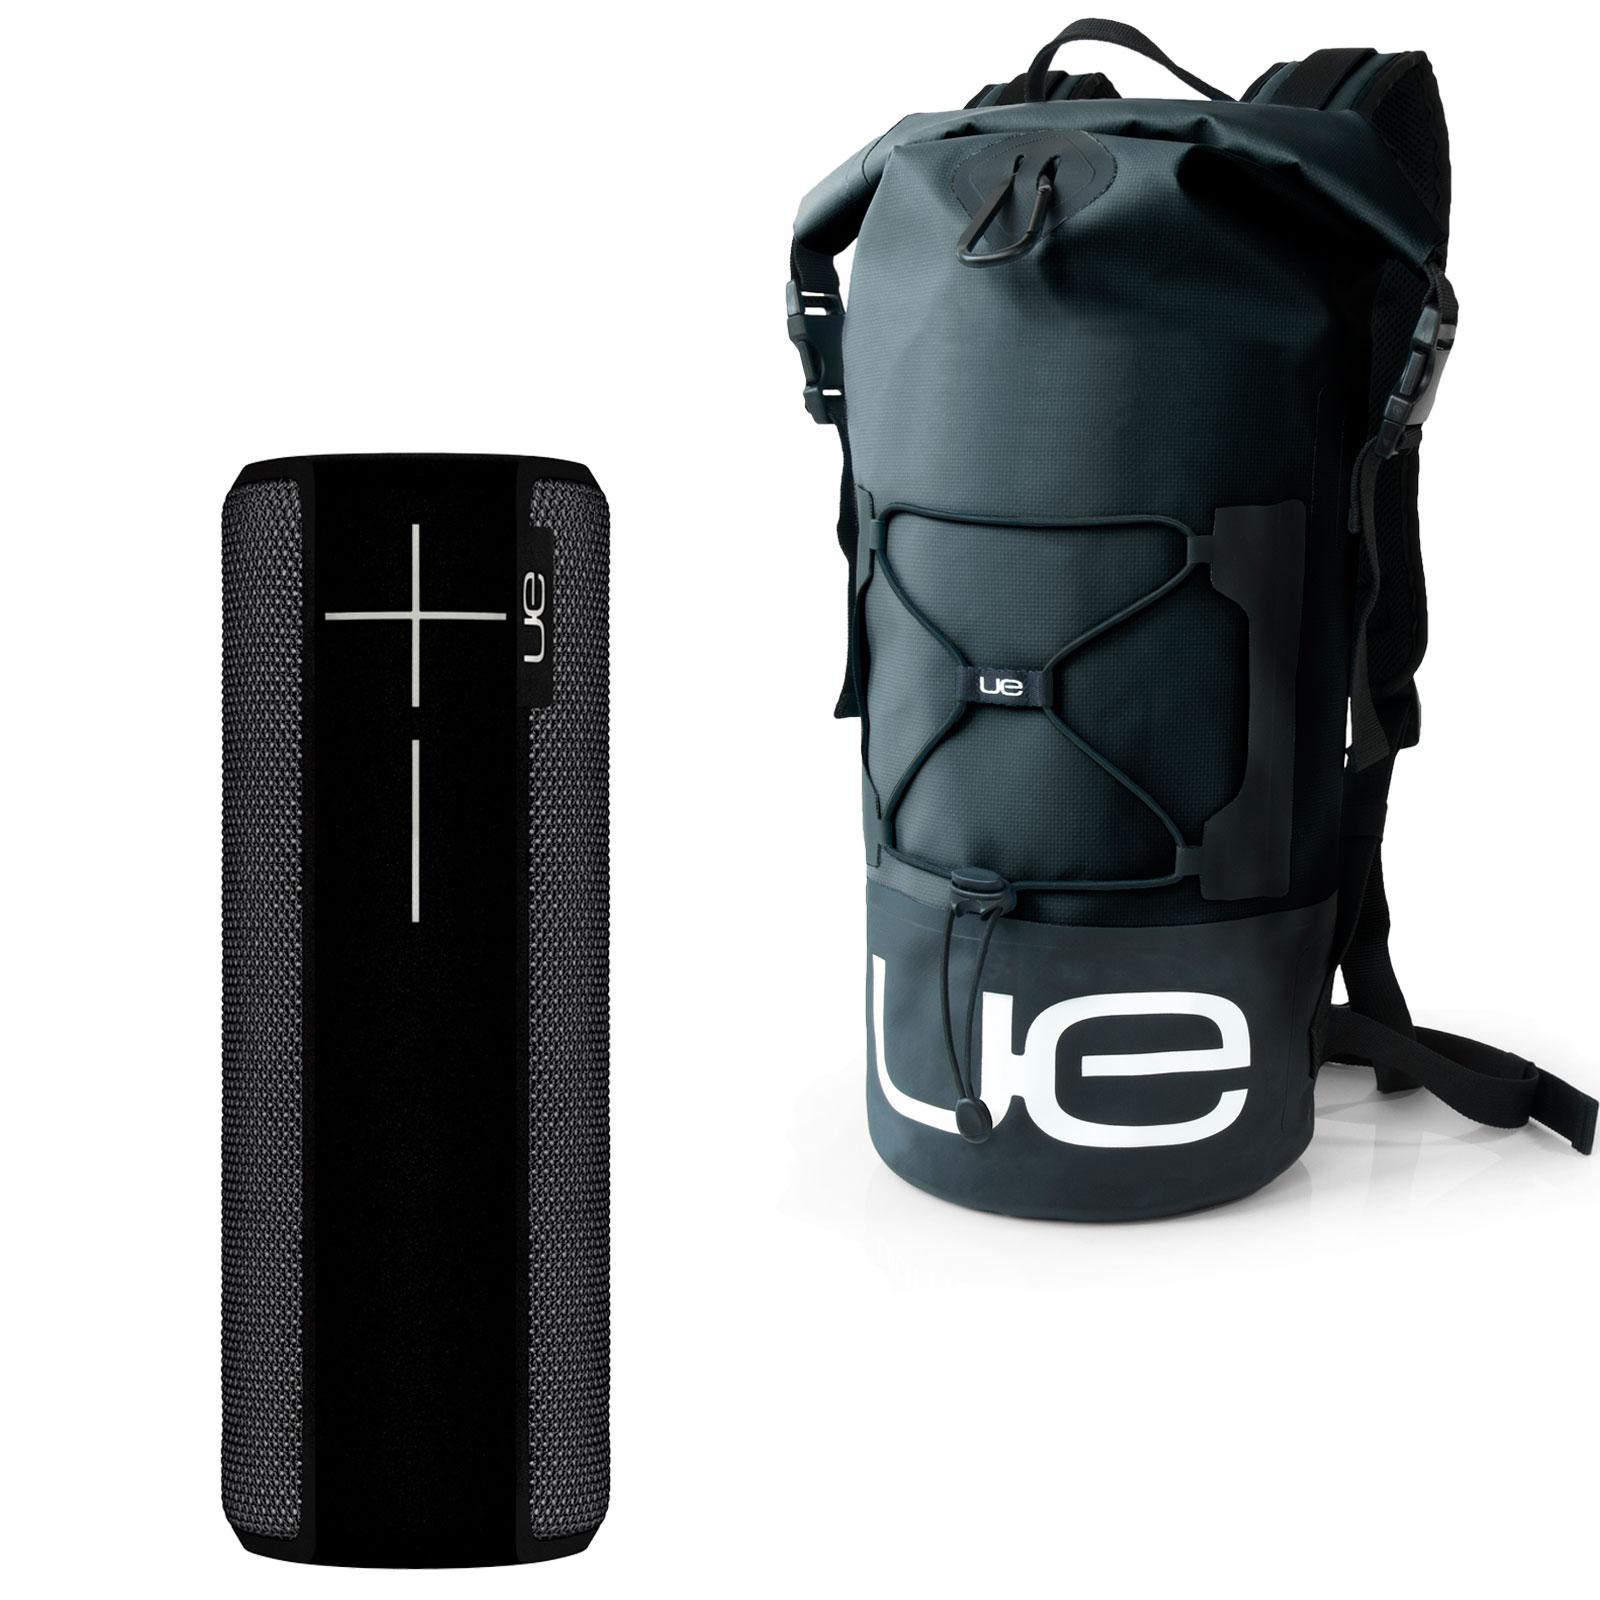 ue boom 2 noir backpack waterproof offert dock enceinte bluetooth ultimate ears sur. Black Bedroom Furniture Sets. Home Design Ideas